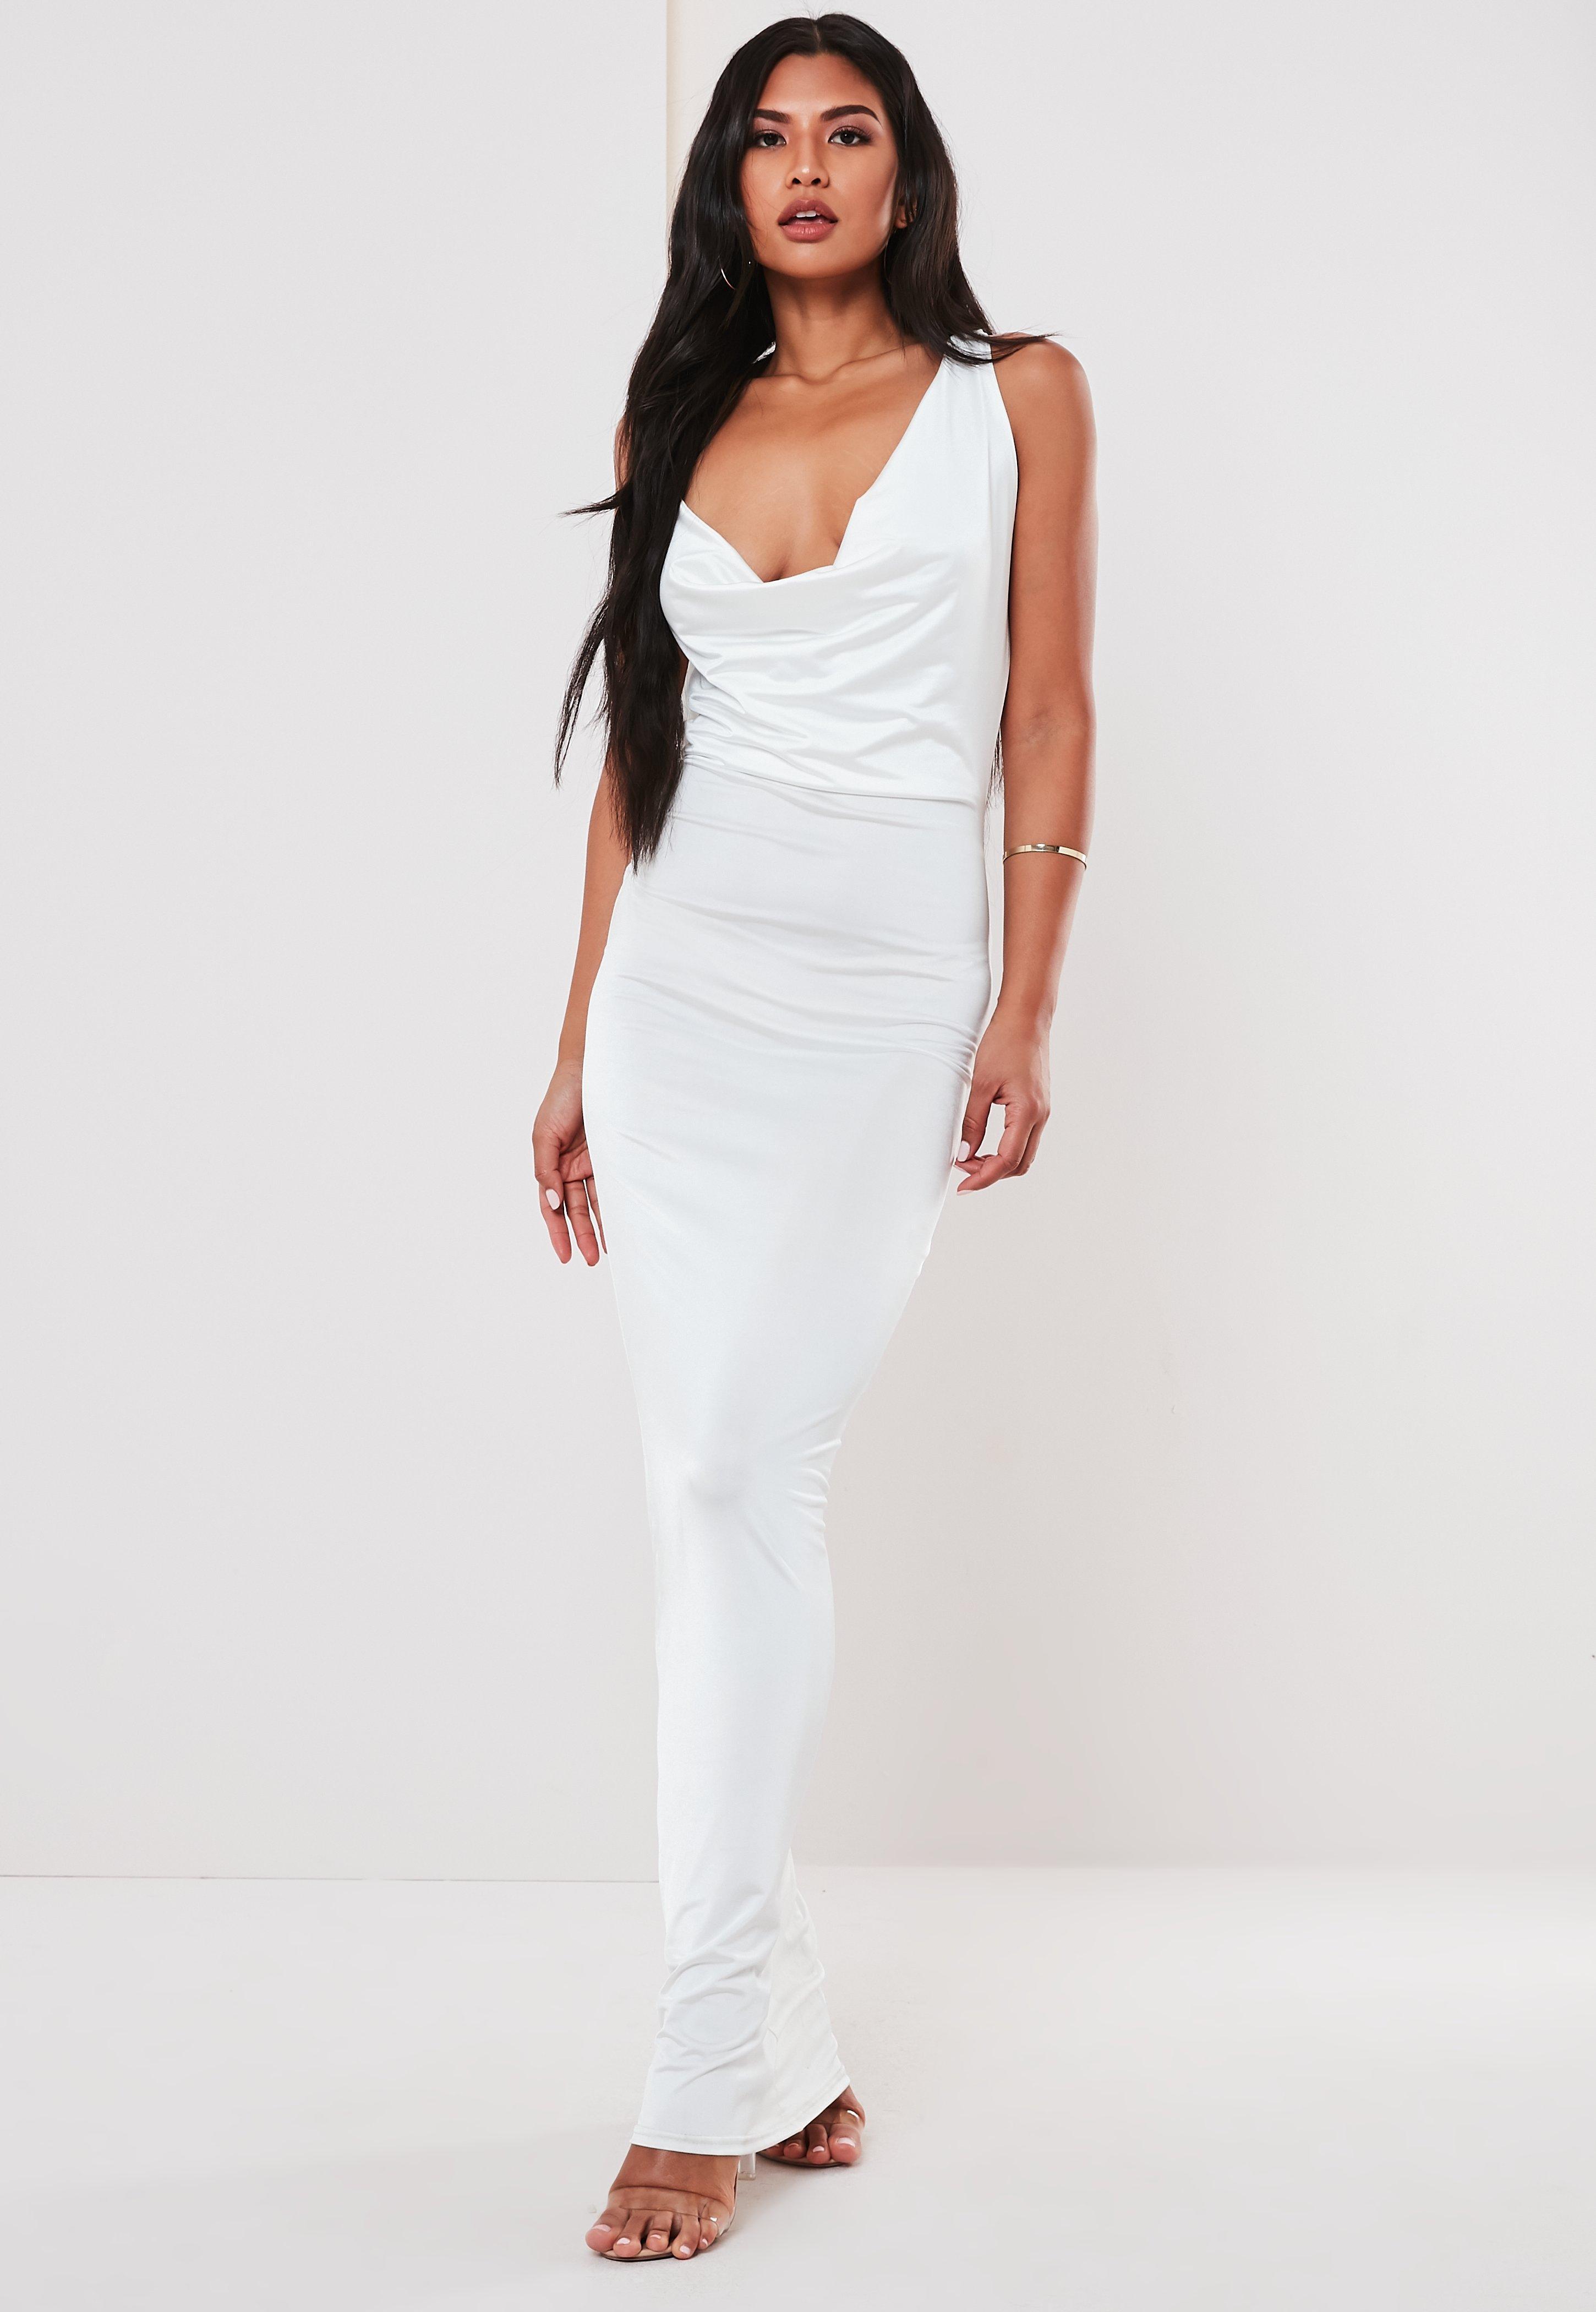 f06389c74f Vestidos blancos